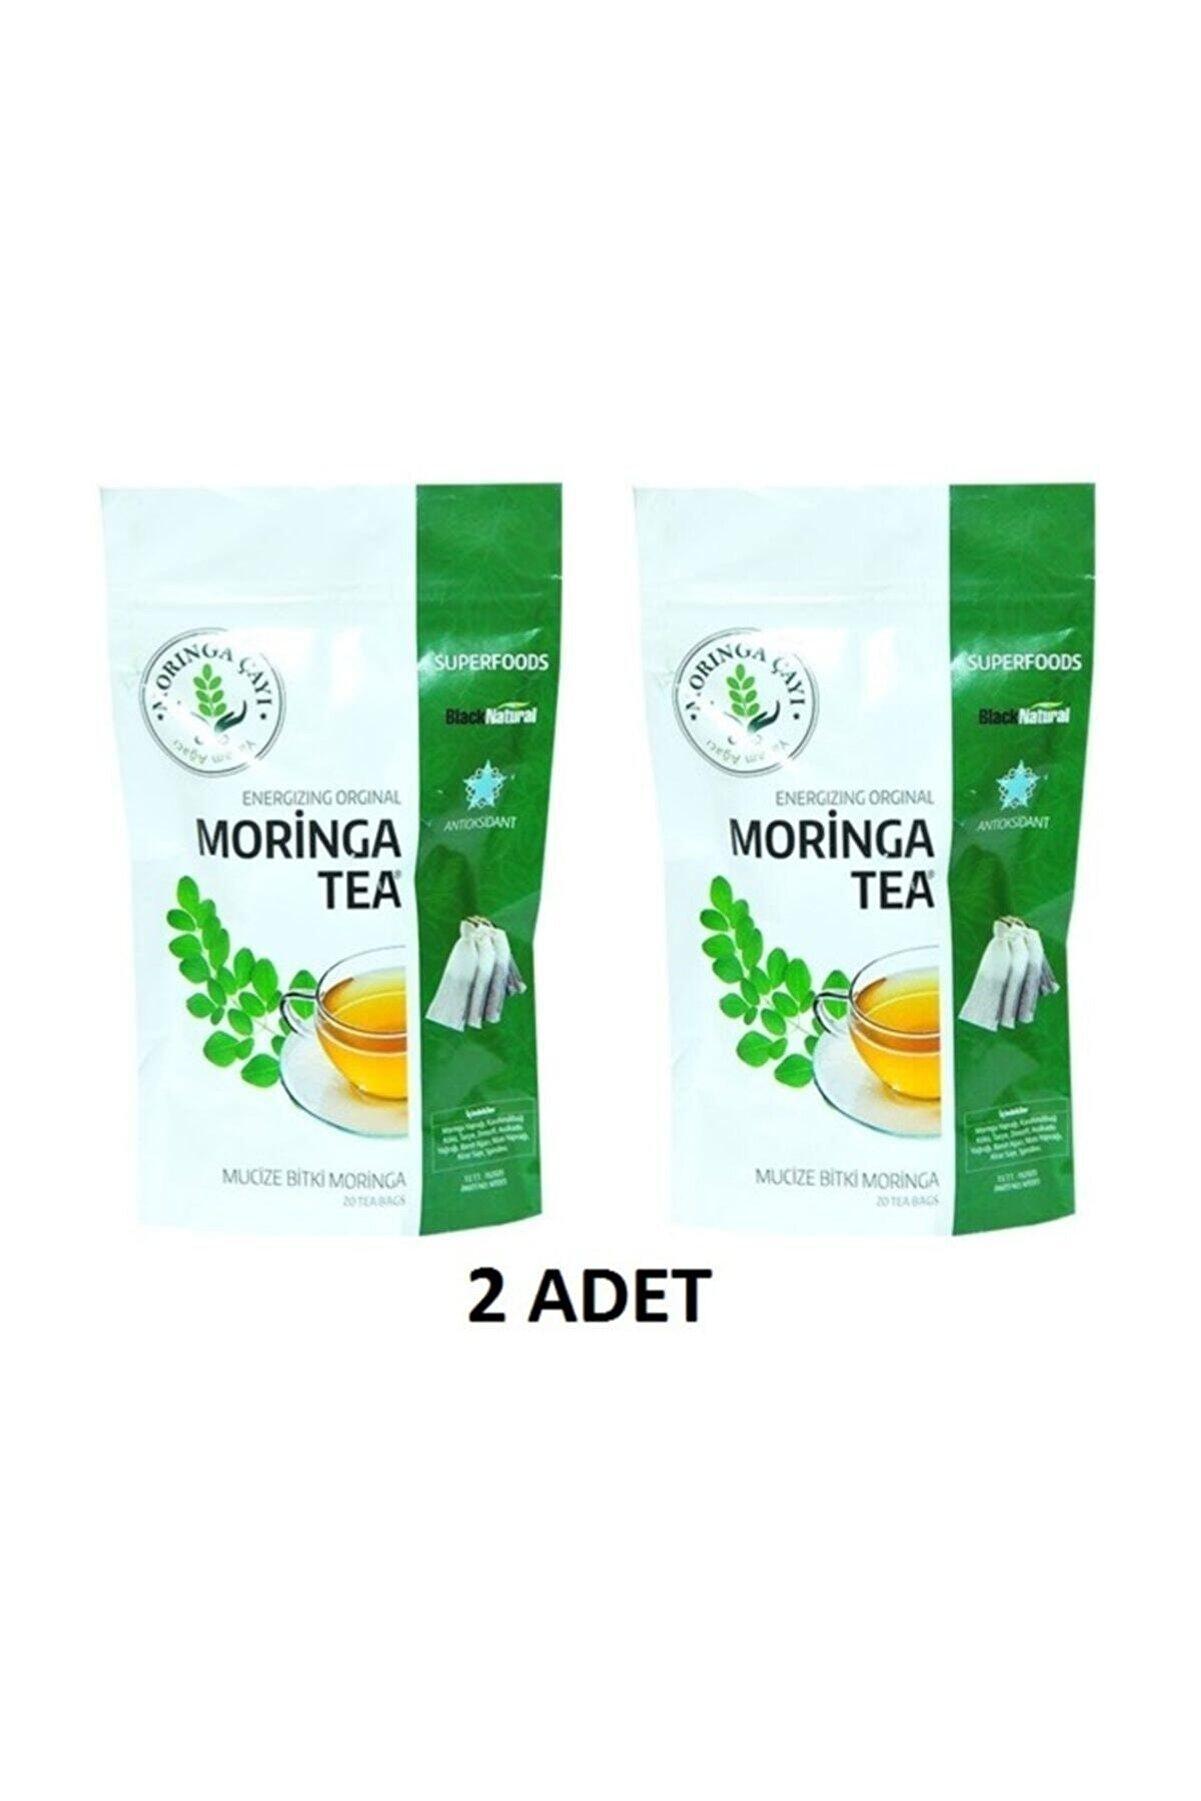 Vilmorin 2 Adet Moringalı Çay (Moringa Çayı) 40 Süzen Poşet